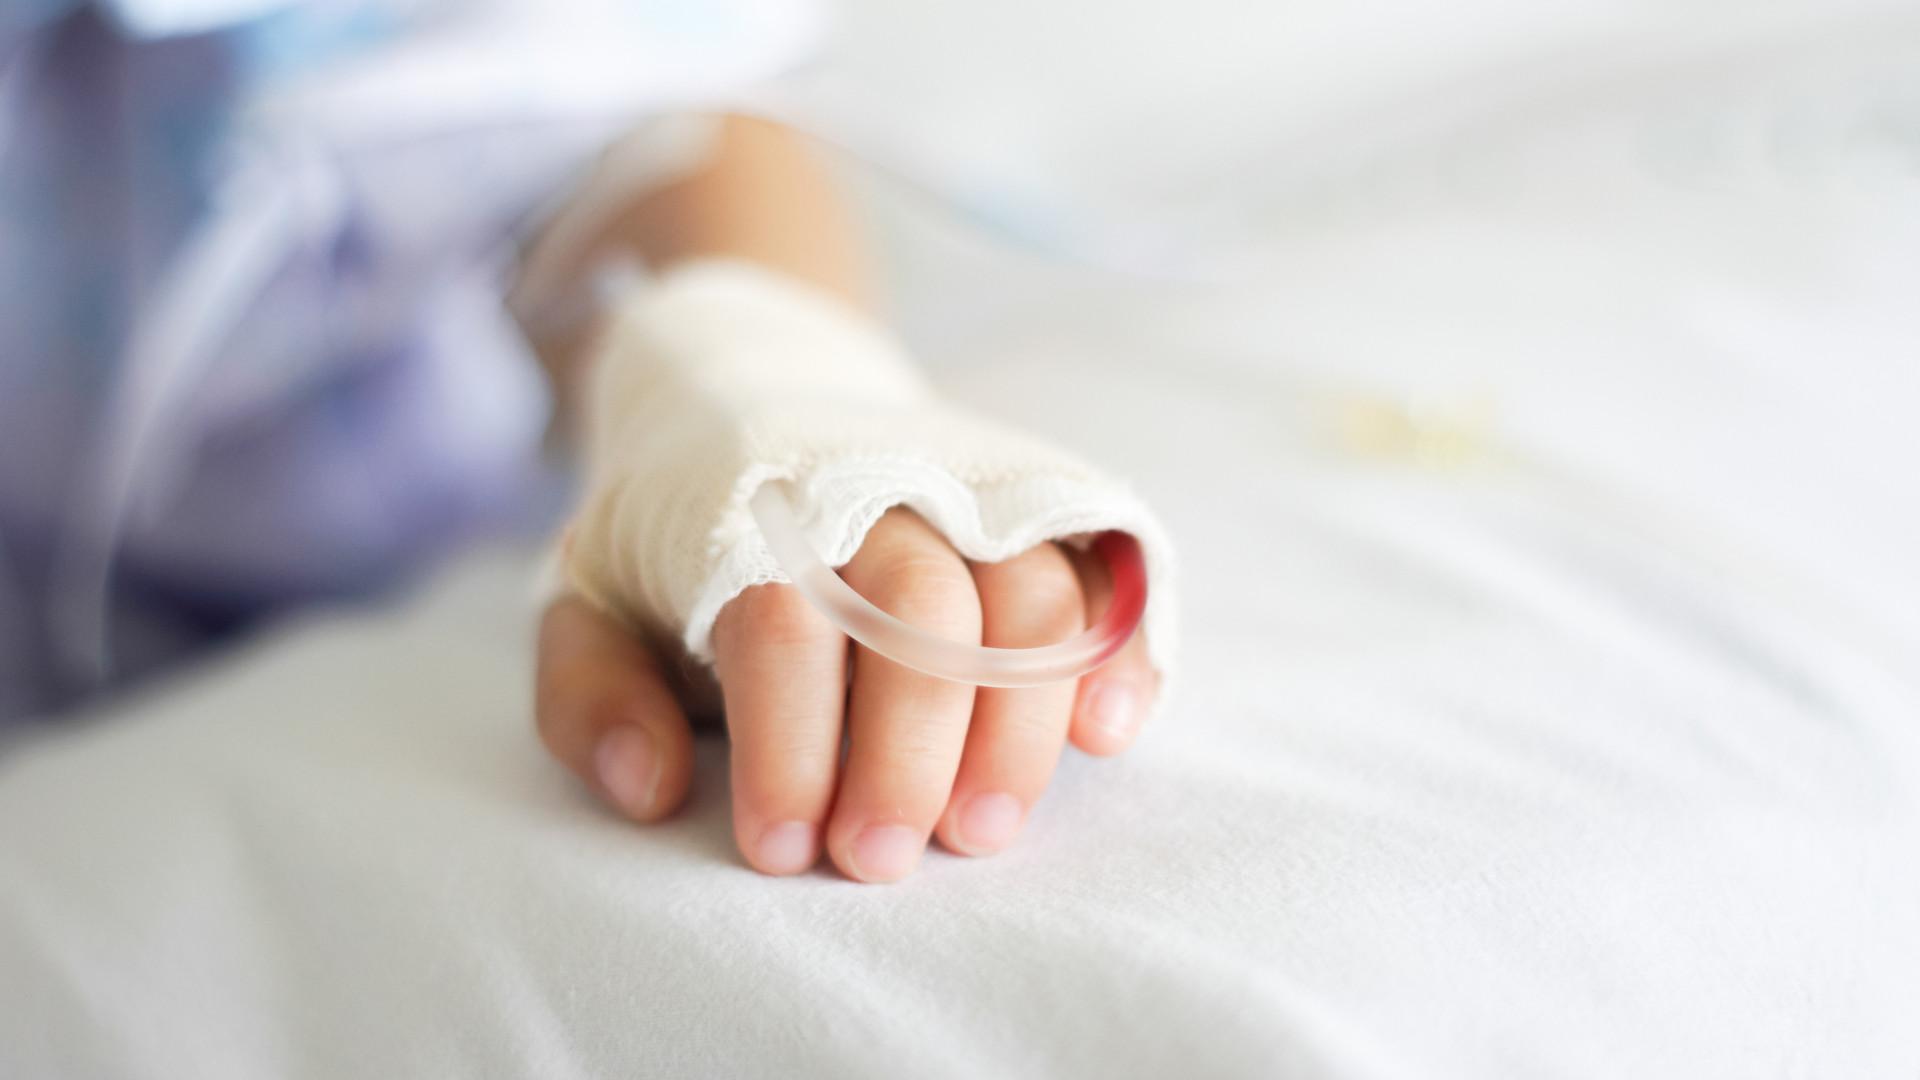 Ministério da Saúde monitora síndrome em crianças associada à covid-19